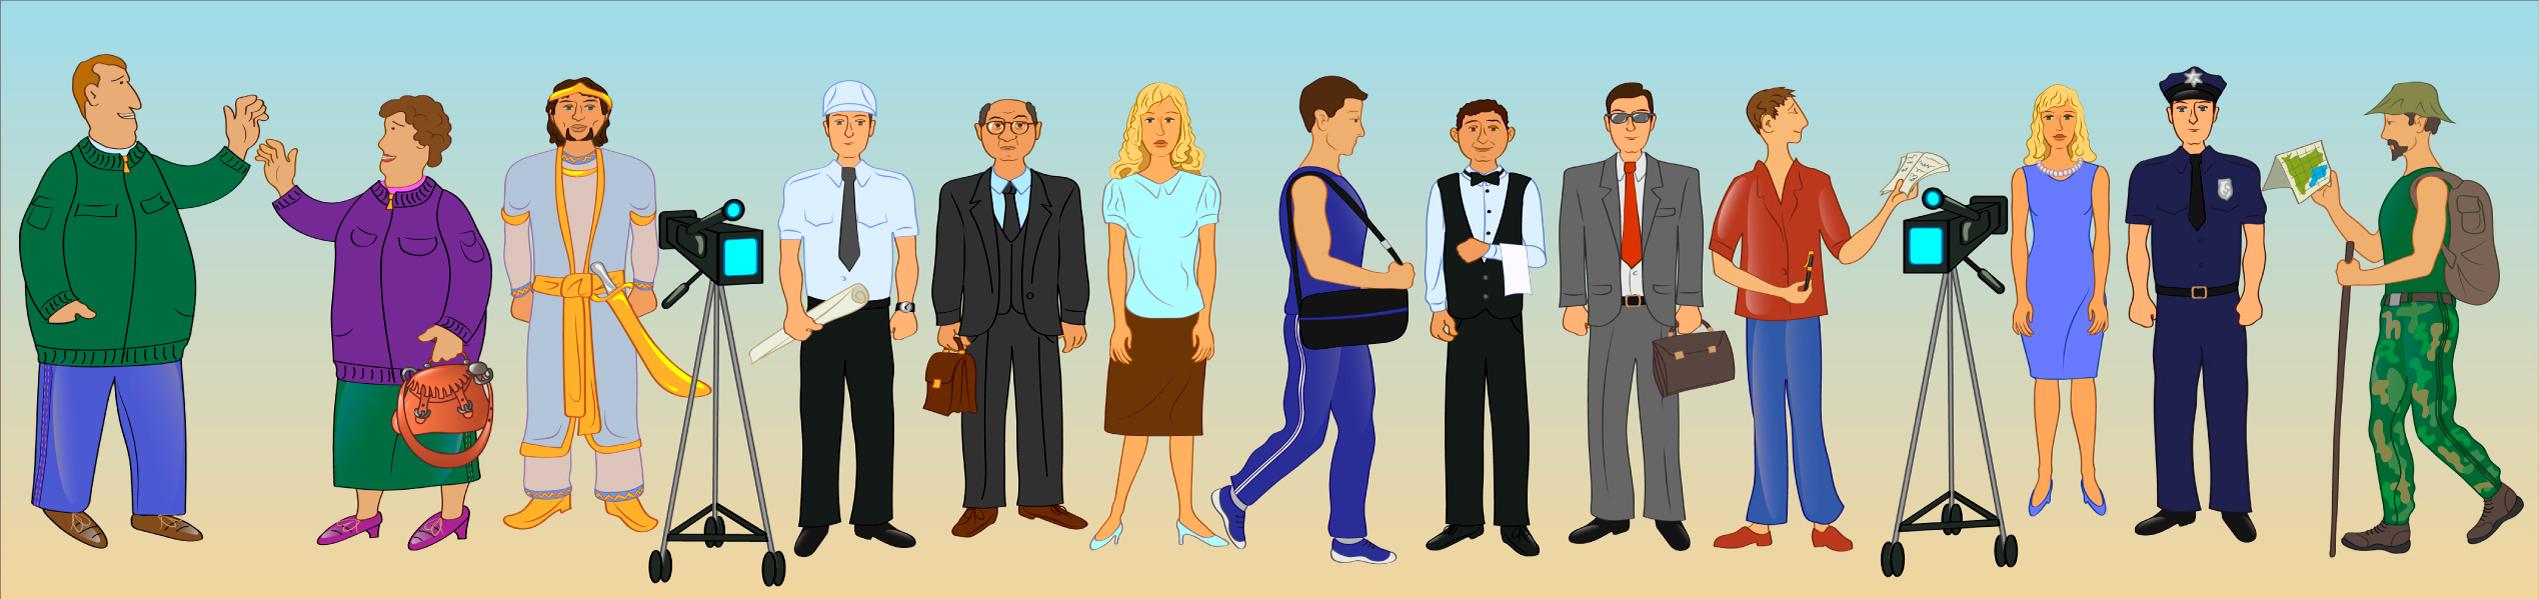 Люди и профессии. Для онлайн школы английского языка.